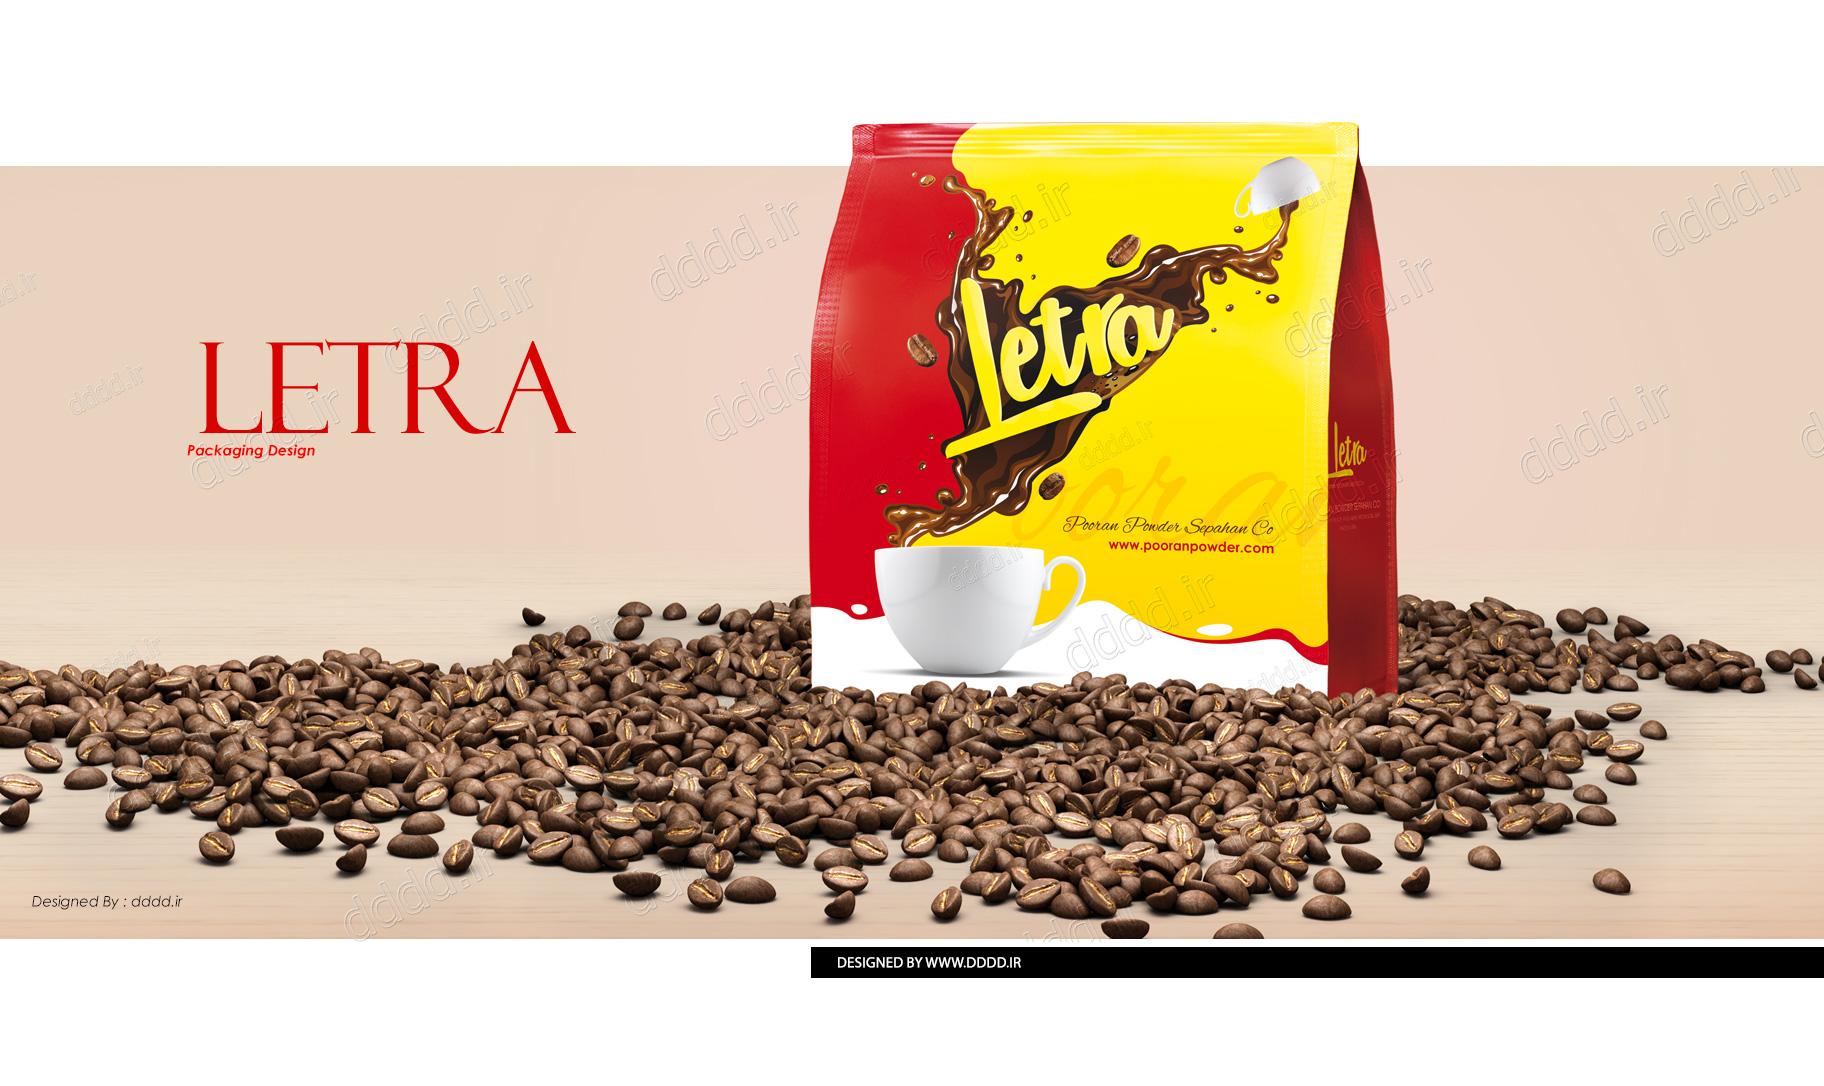 طراحی بسته بندی پودر قهوه لترا